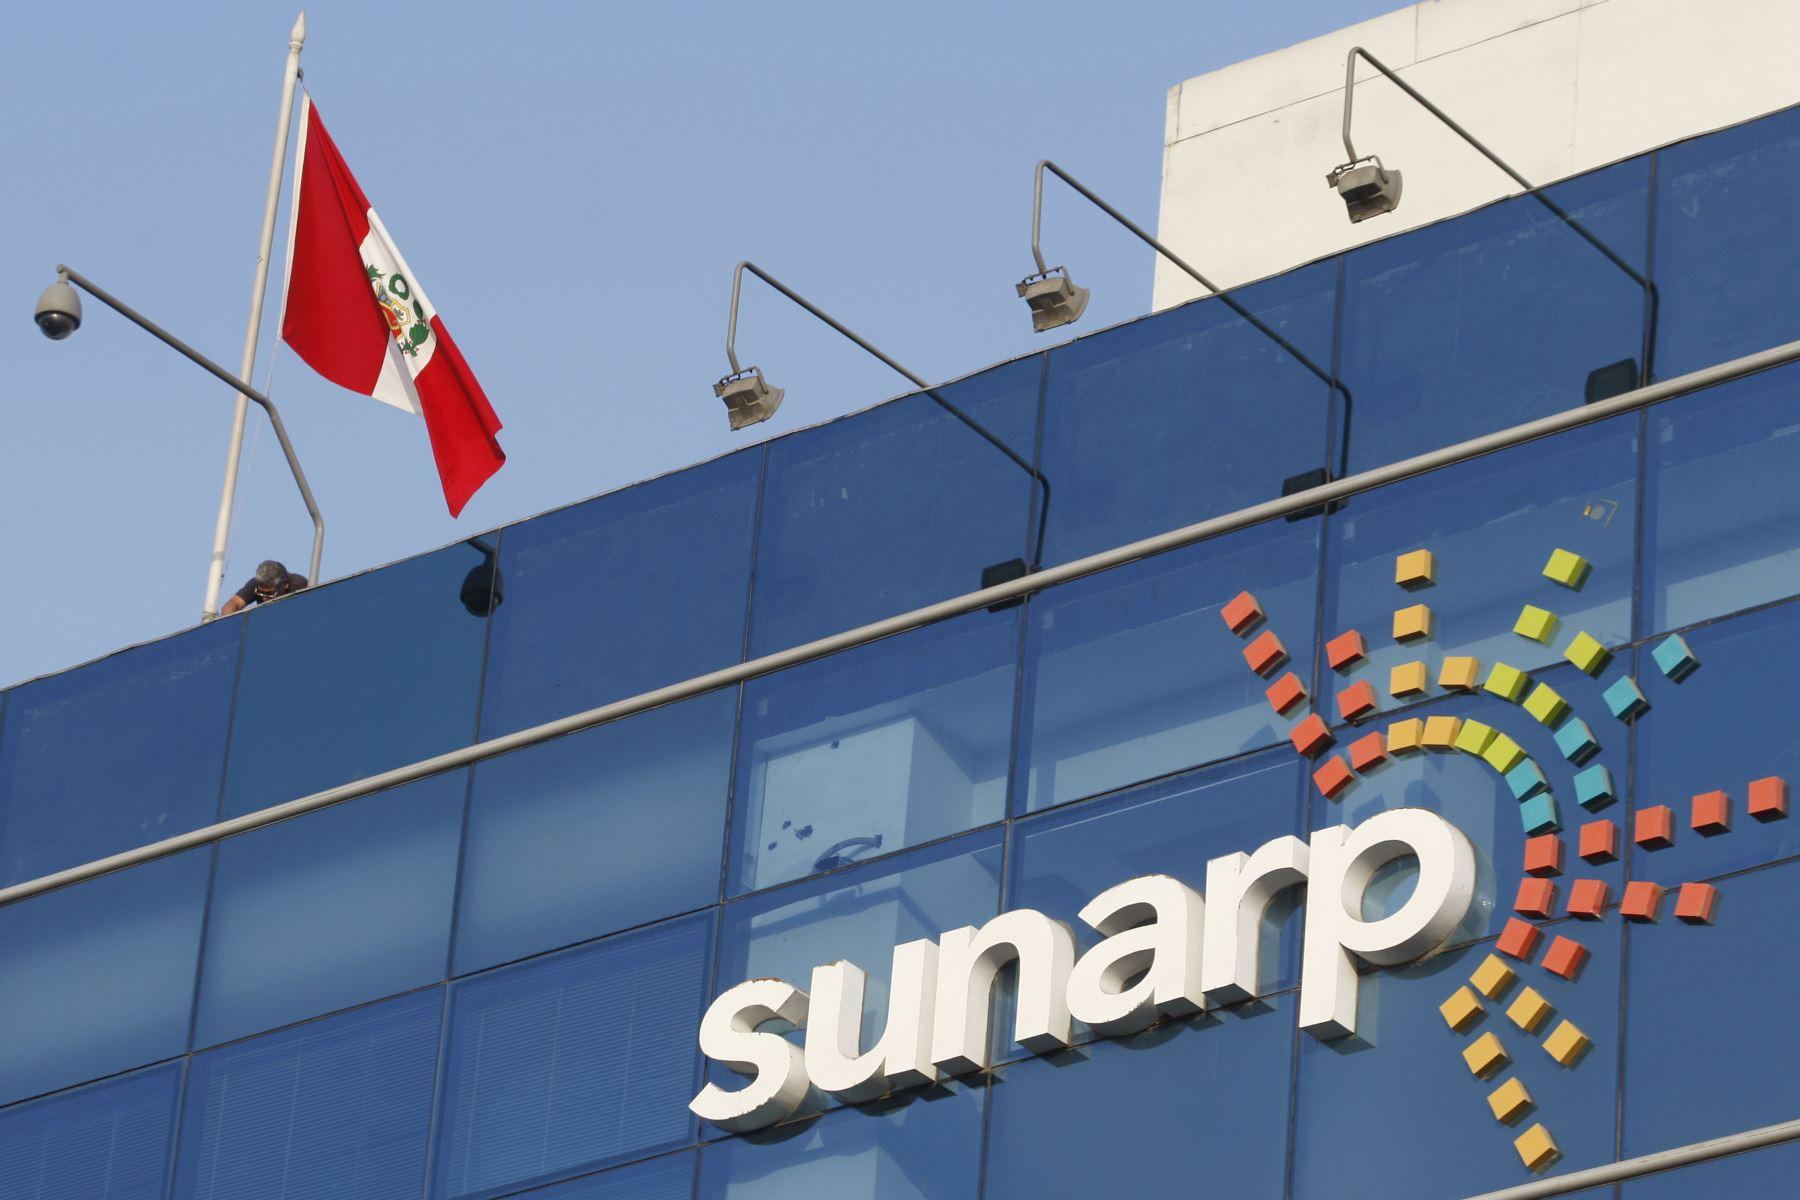 sunarp-fijo-plazo-para-empezar-a-constituir-empresas-bajo-regimen-societario-simplificado